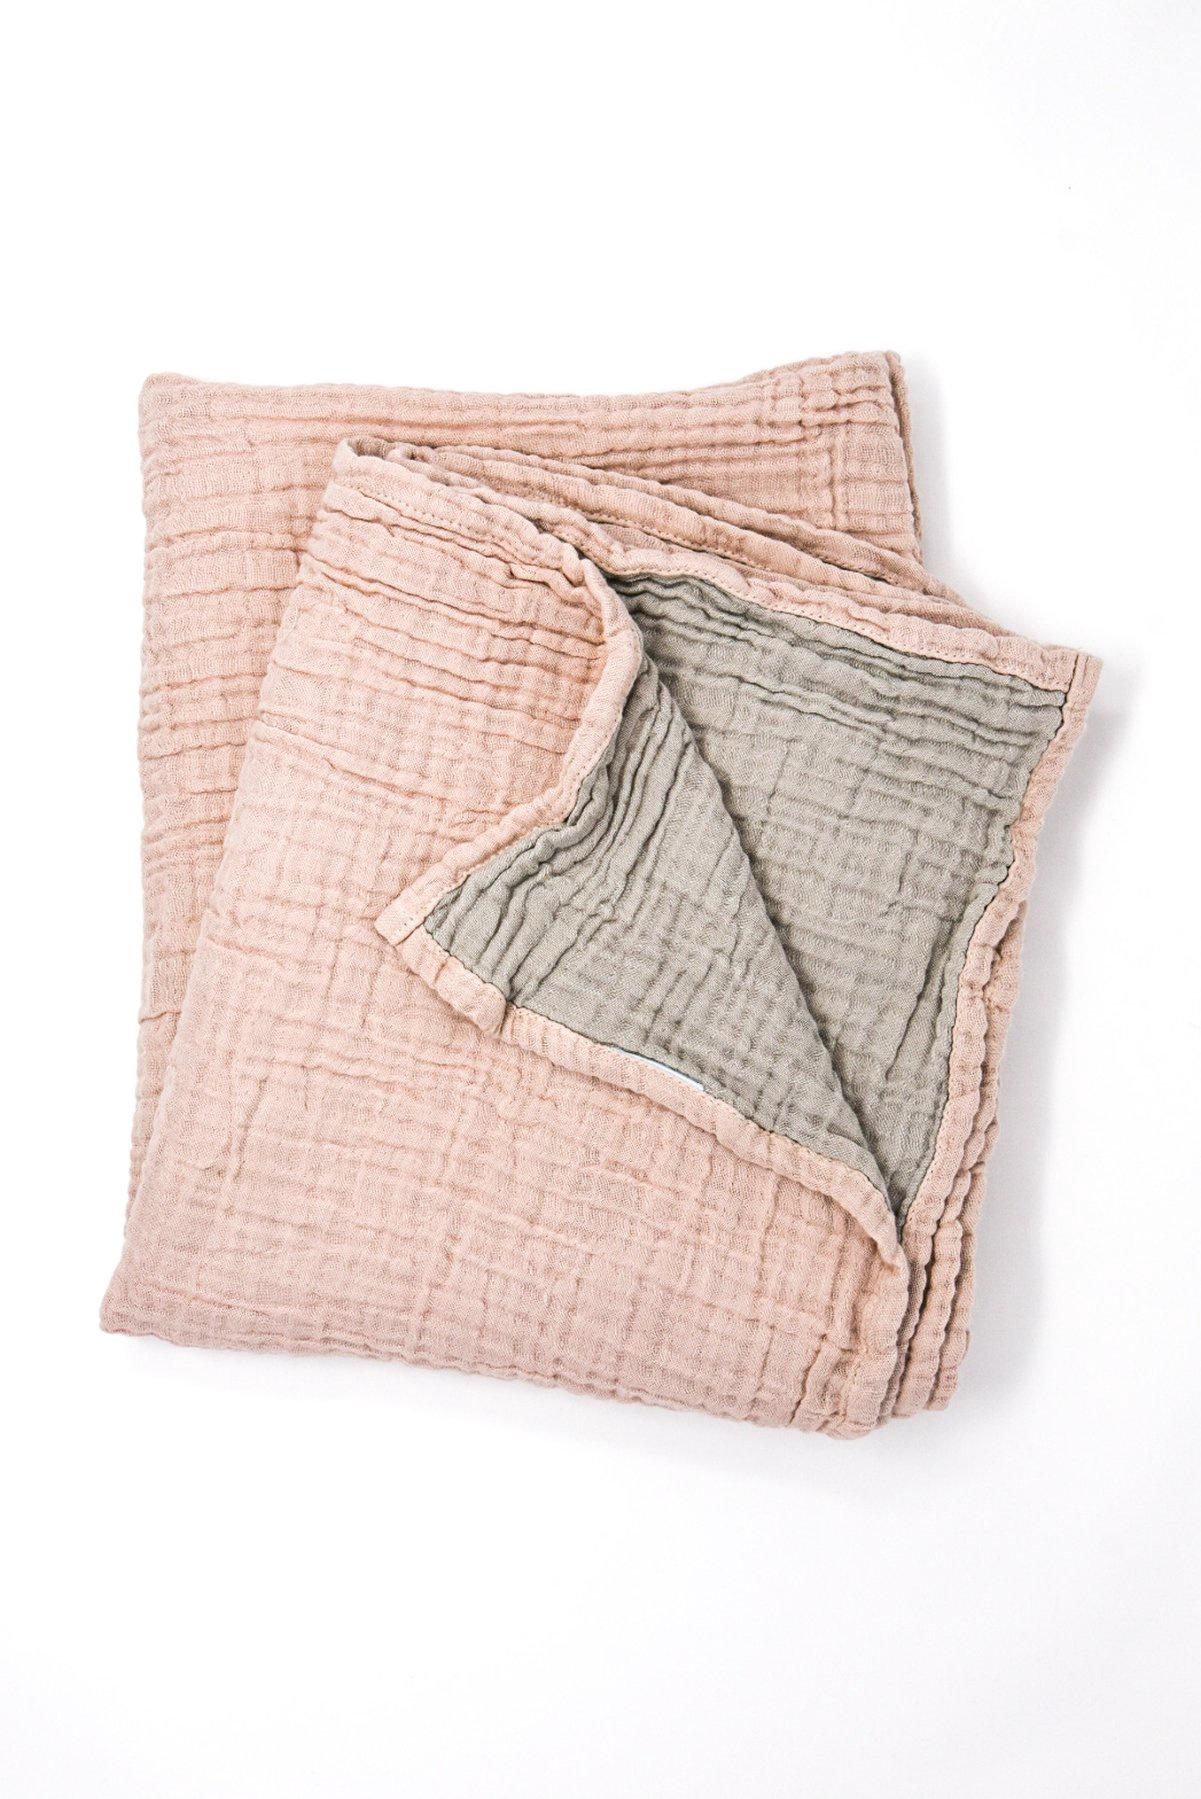 Turkish Cotton Baby Blanket | Pink